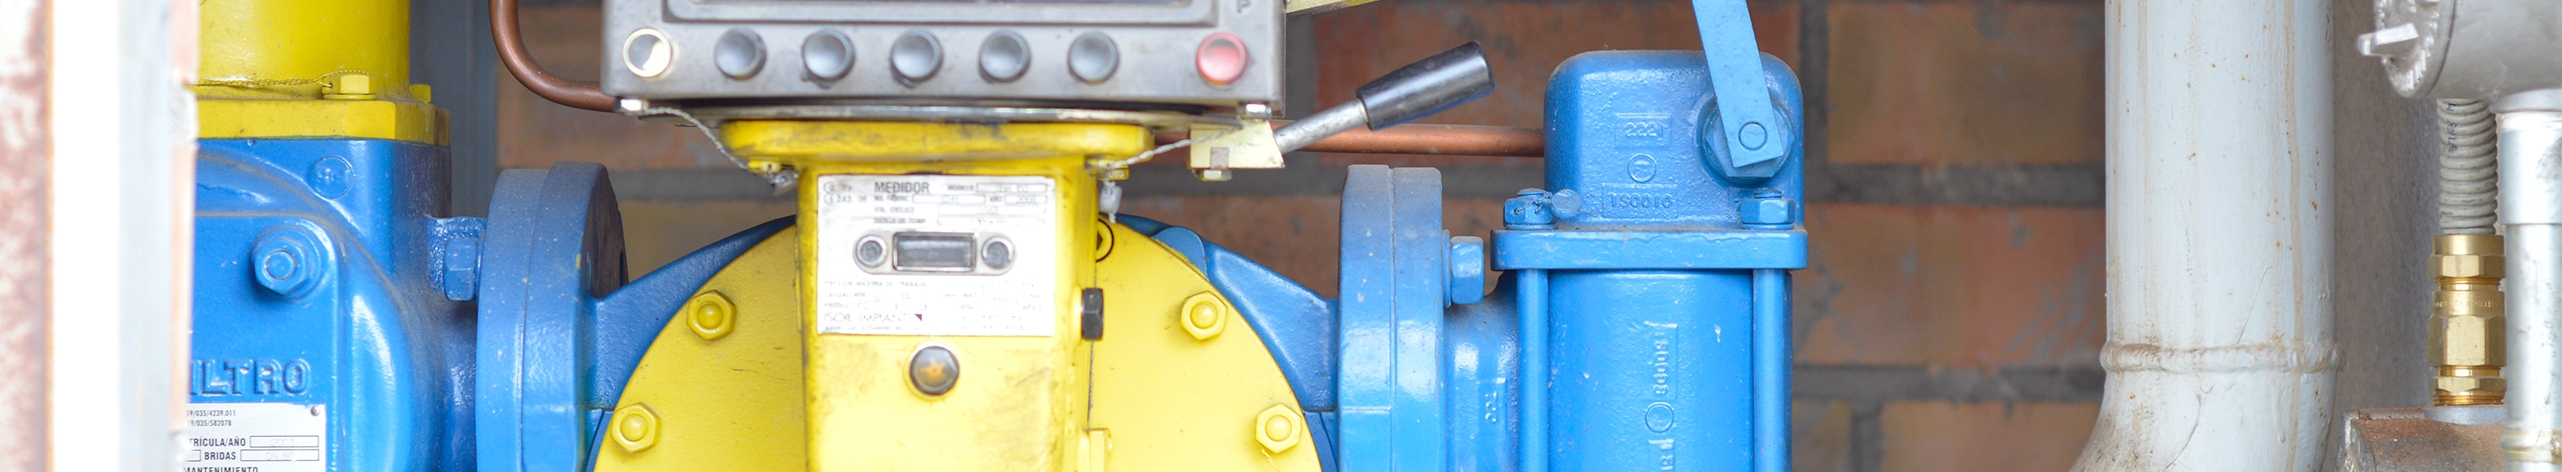 Mesures de seguretat actualitzades - Gasoil a domicili - SECSA